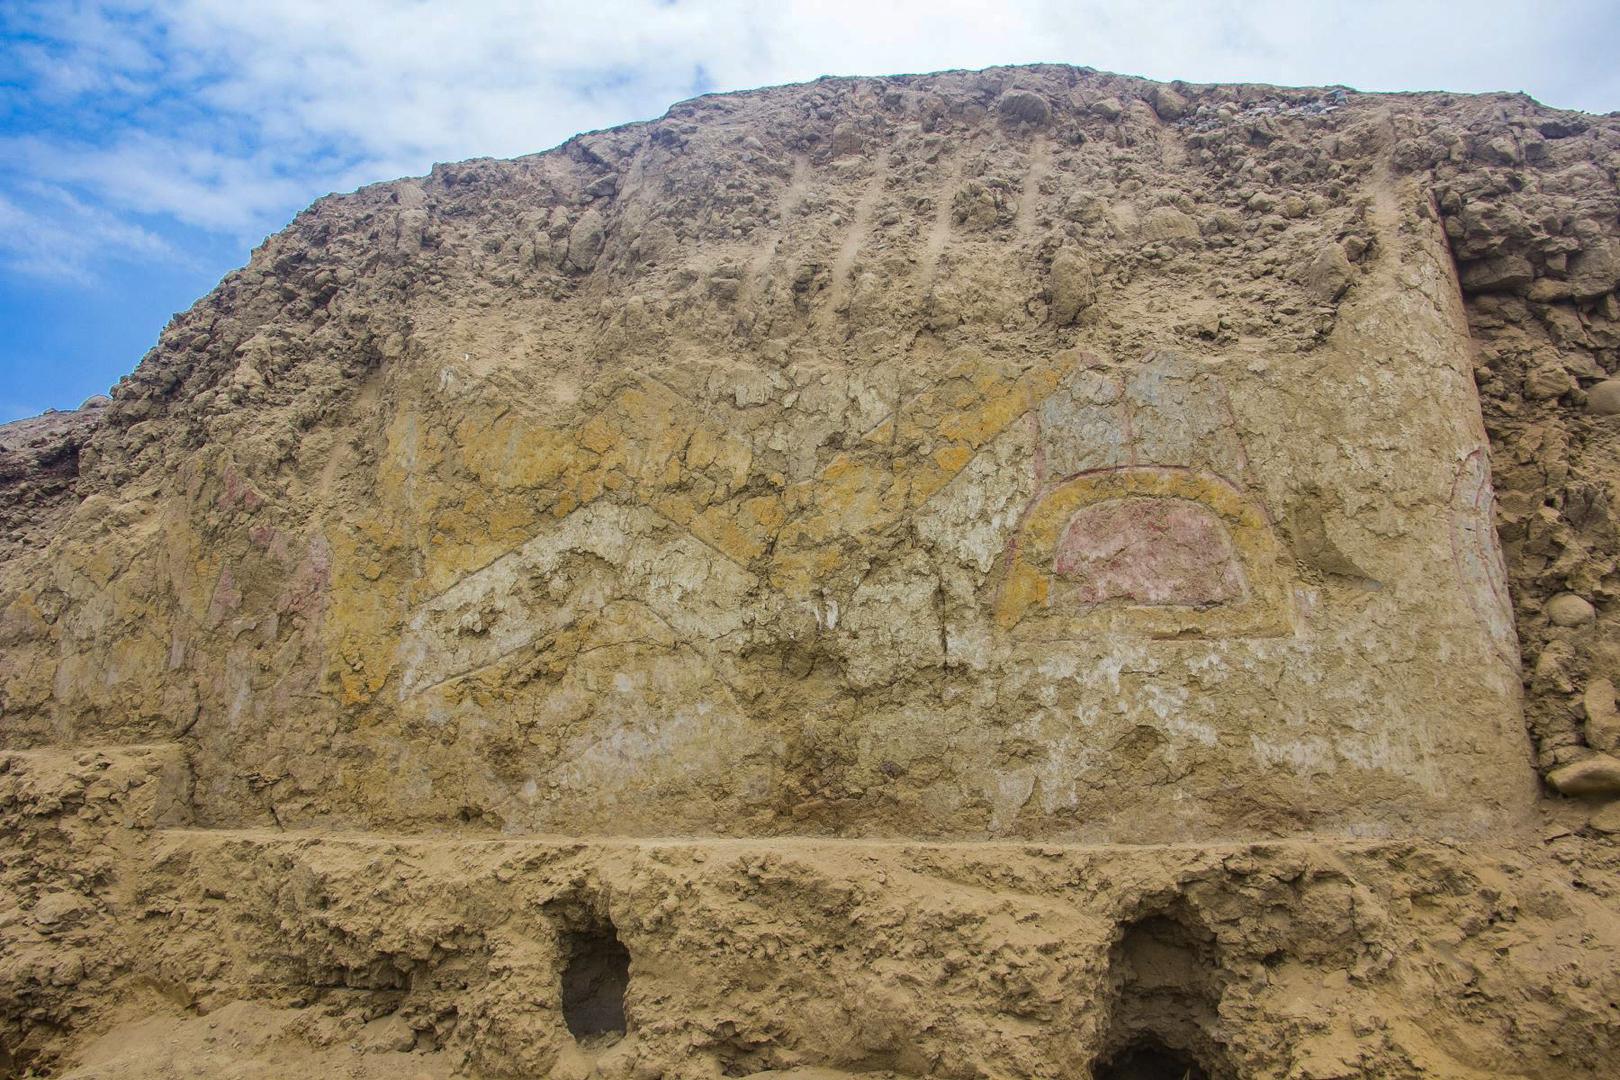 اكتشاف لوحة جدارية لإله العنكبوت في معبد عمره 3200 عام في بيرو